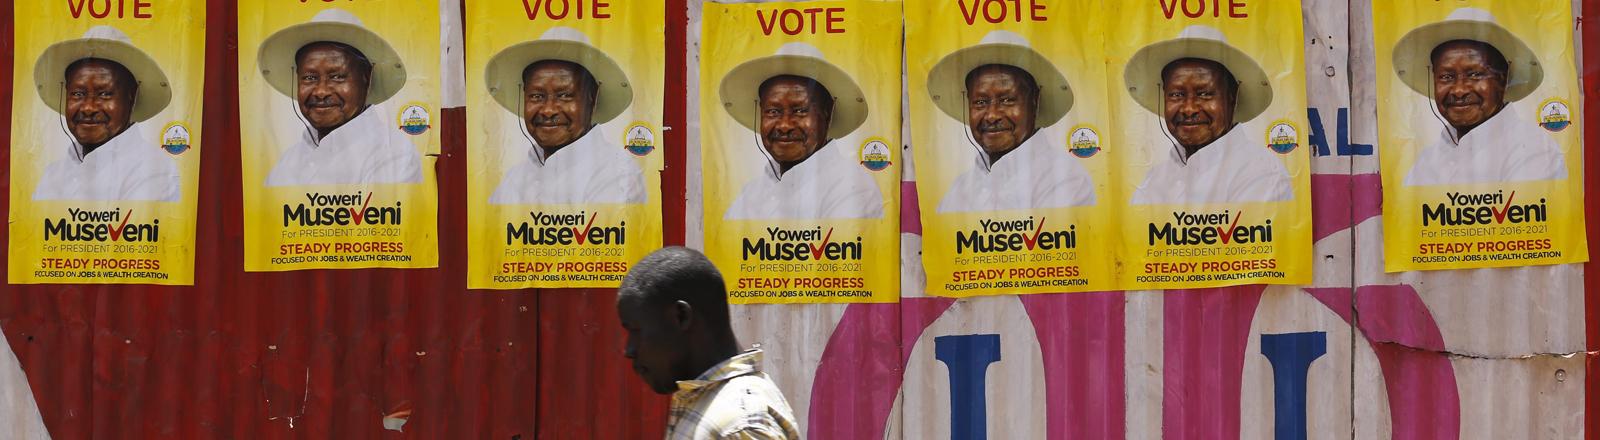 Mann läuft entlang einer Mauer mit Wahlplakaten von Museveni